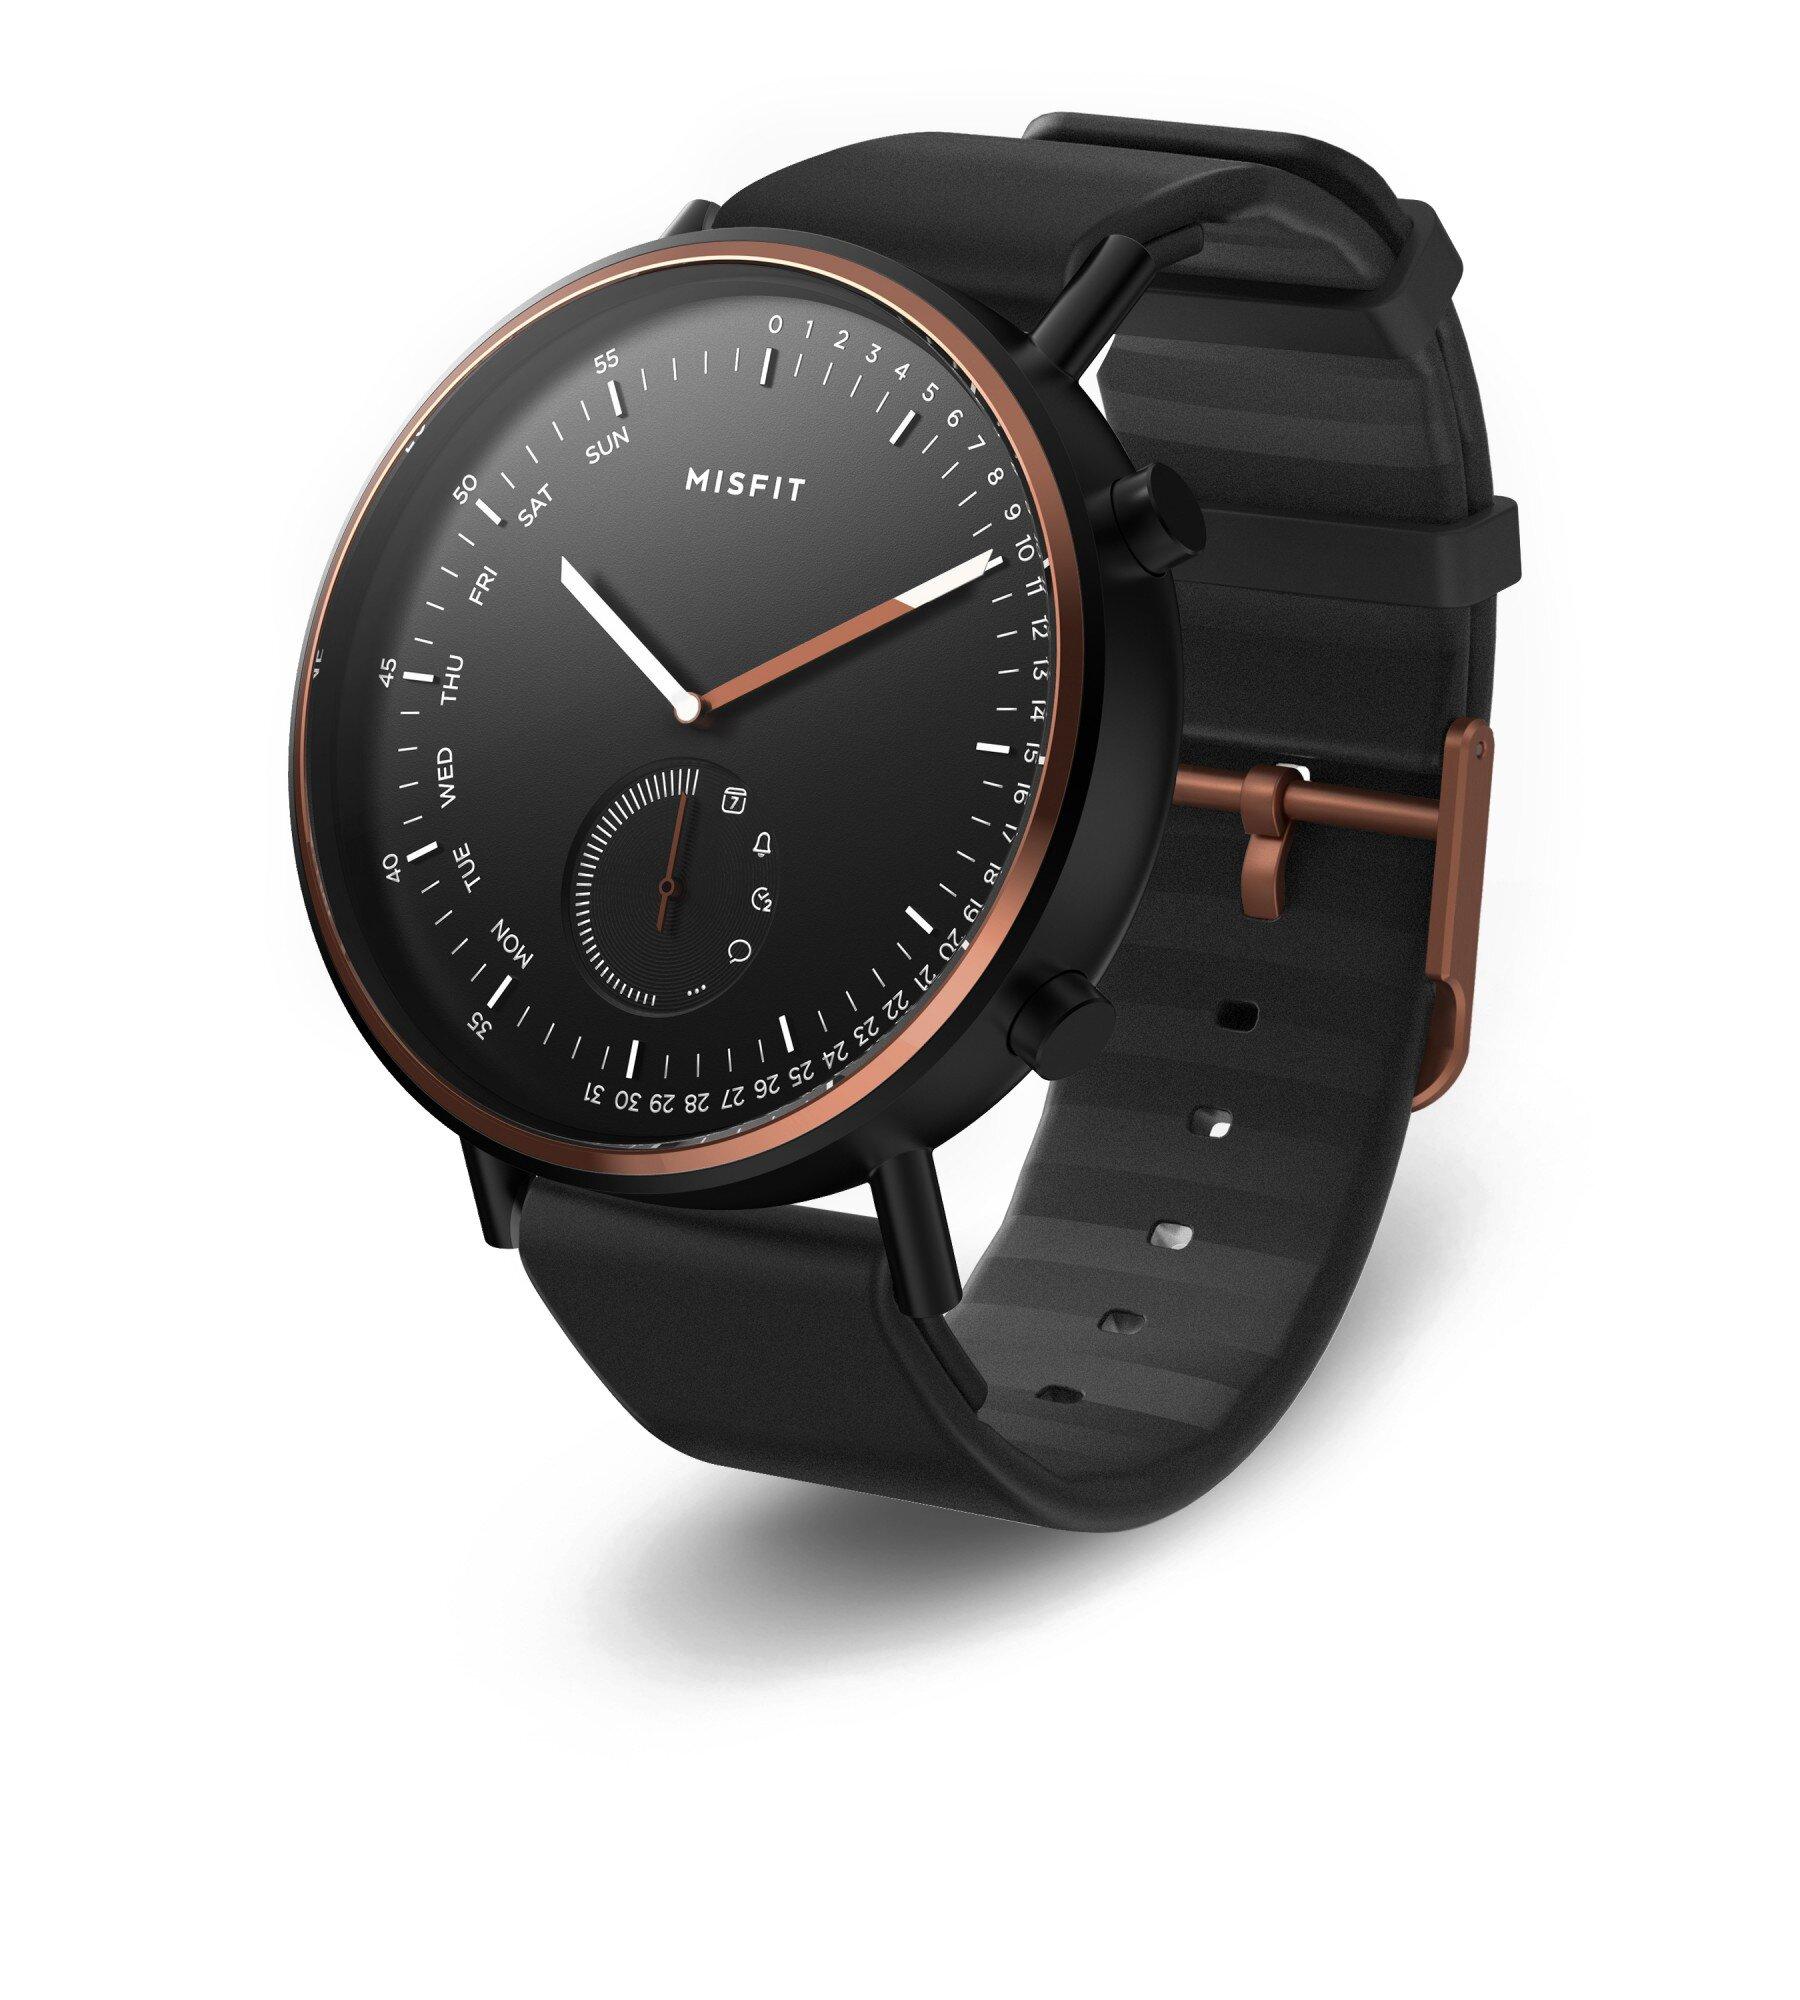 Buy Misfit Command Hybrid Smartwatch online in Pakistan - Tejar.pk